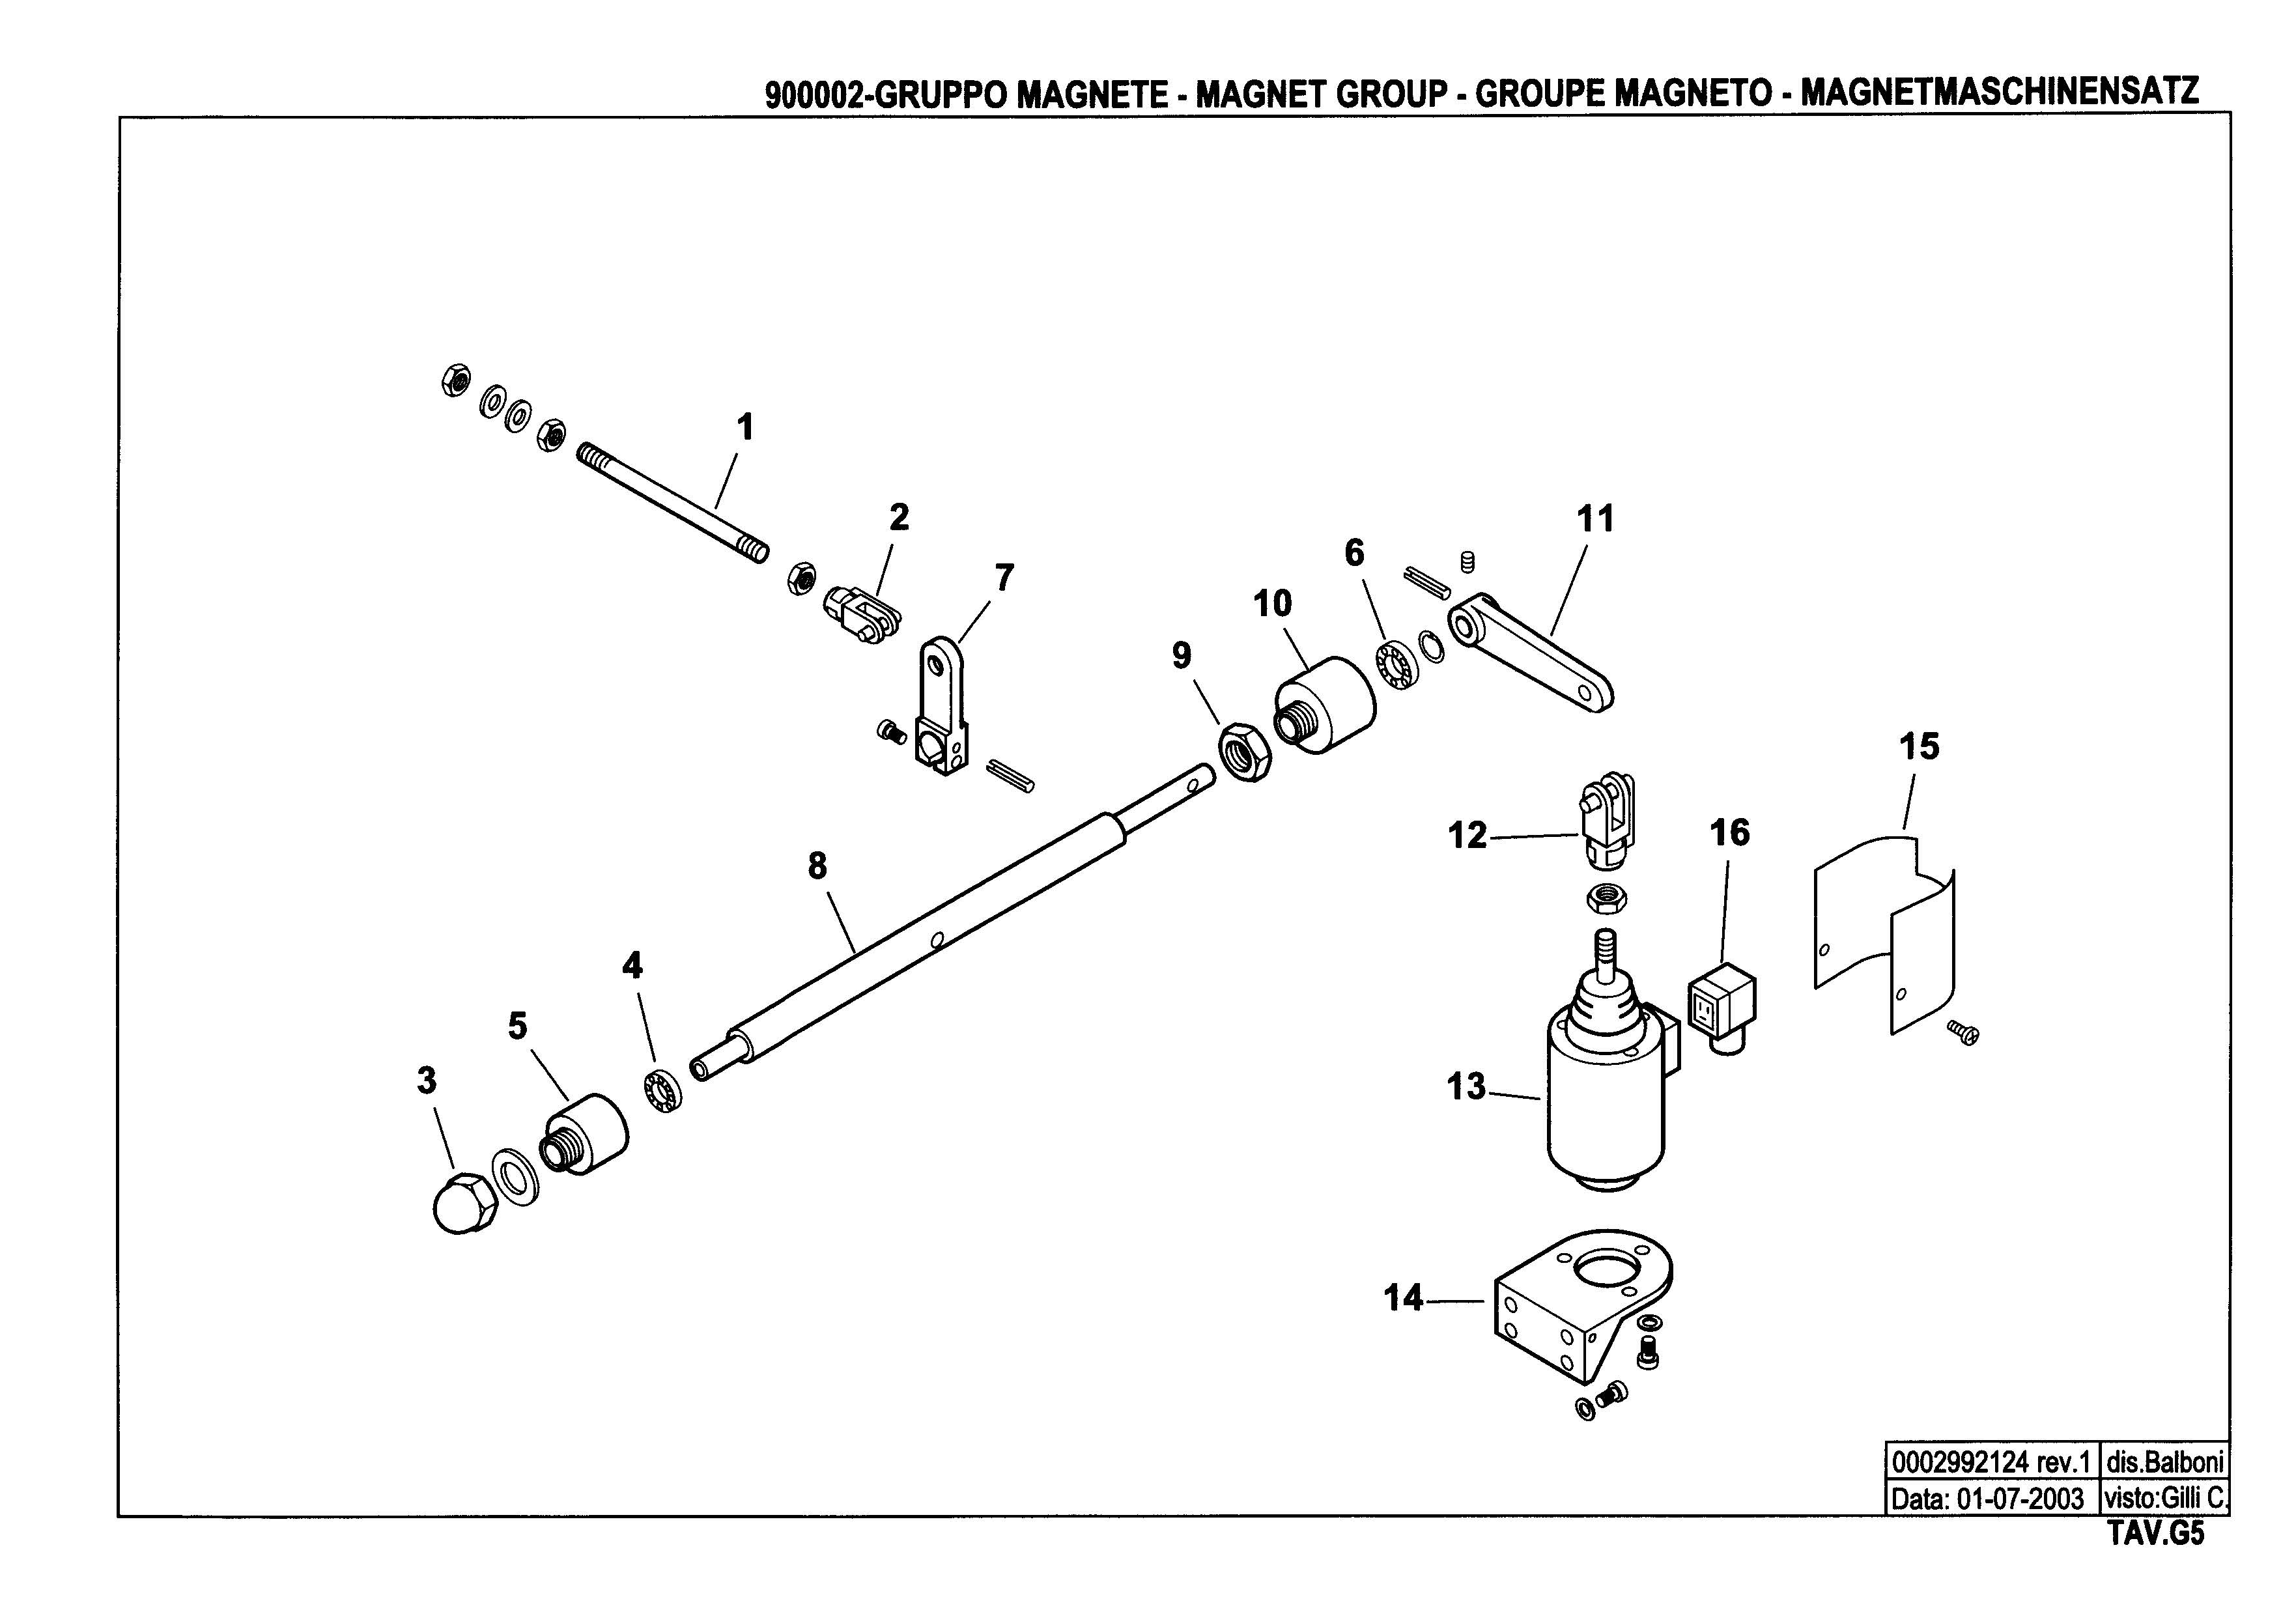 Электромагнитный привод узла распыливания G5 900002 1 20030701